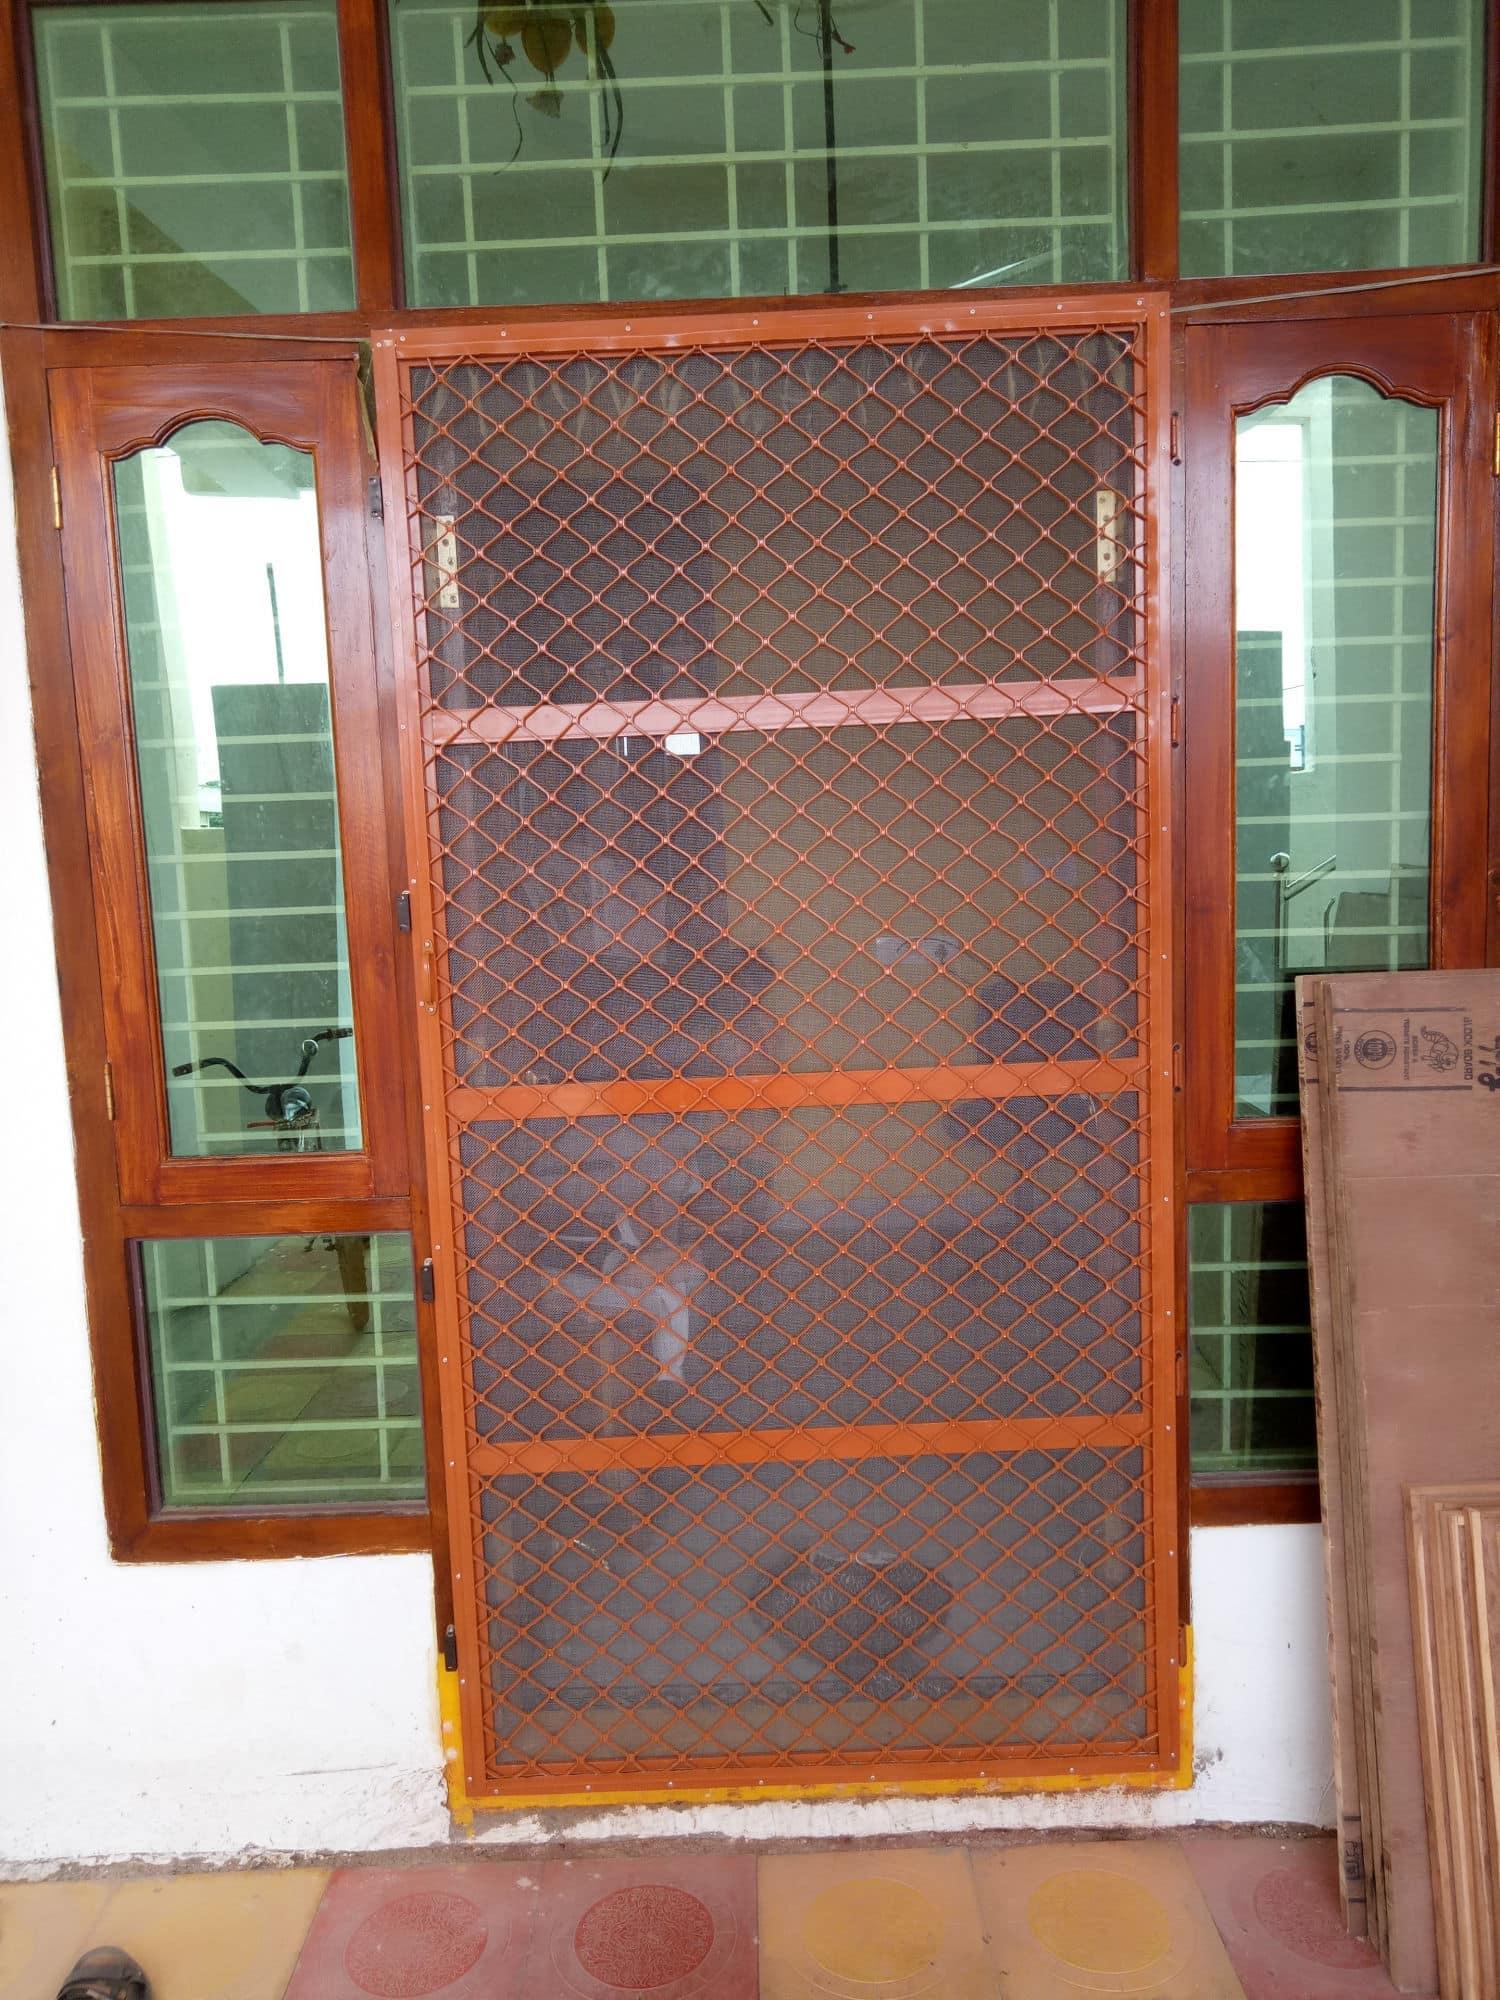 Siri Aluminium Mosquito Mesh Doors Photos Hanamkonda Warangal